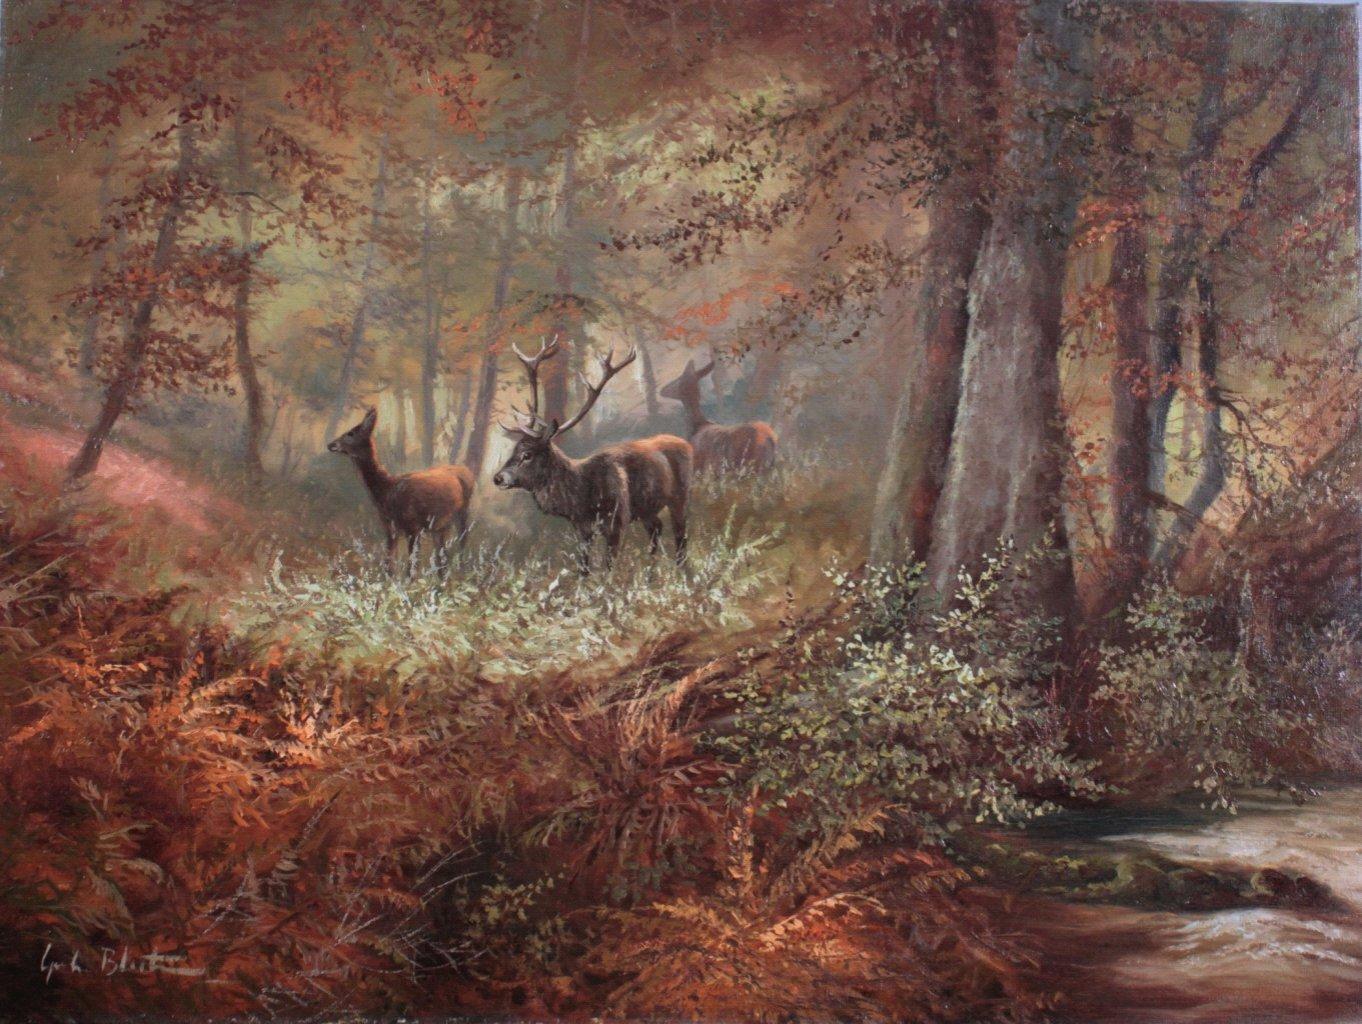 Gerhard Bluhm (*1924). Landschafts- und Tiermaler